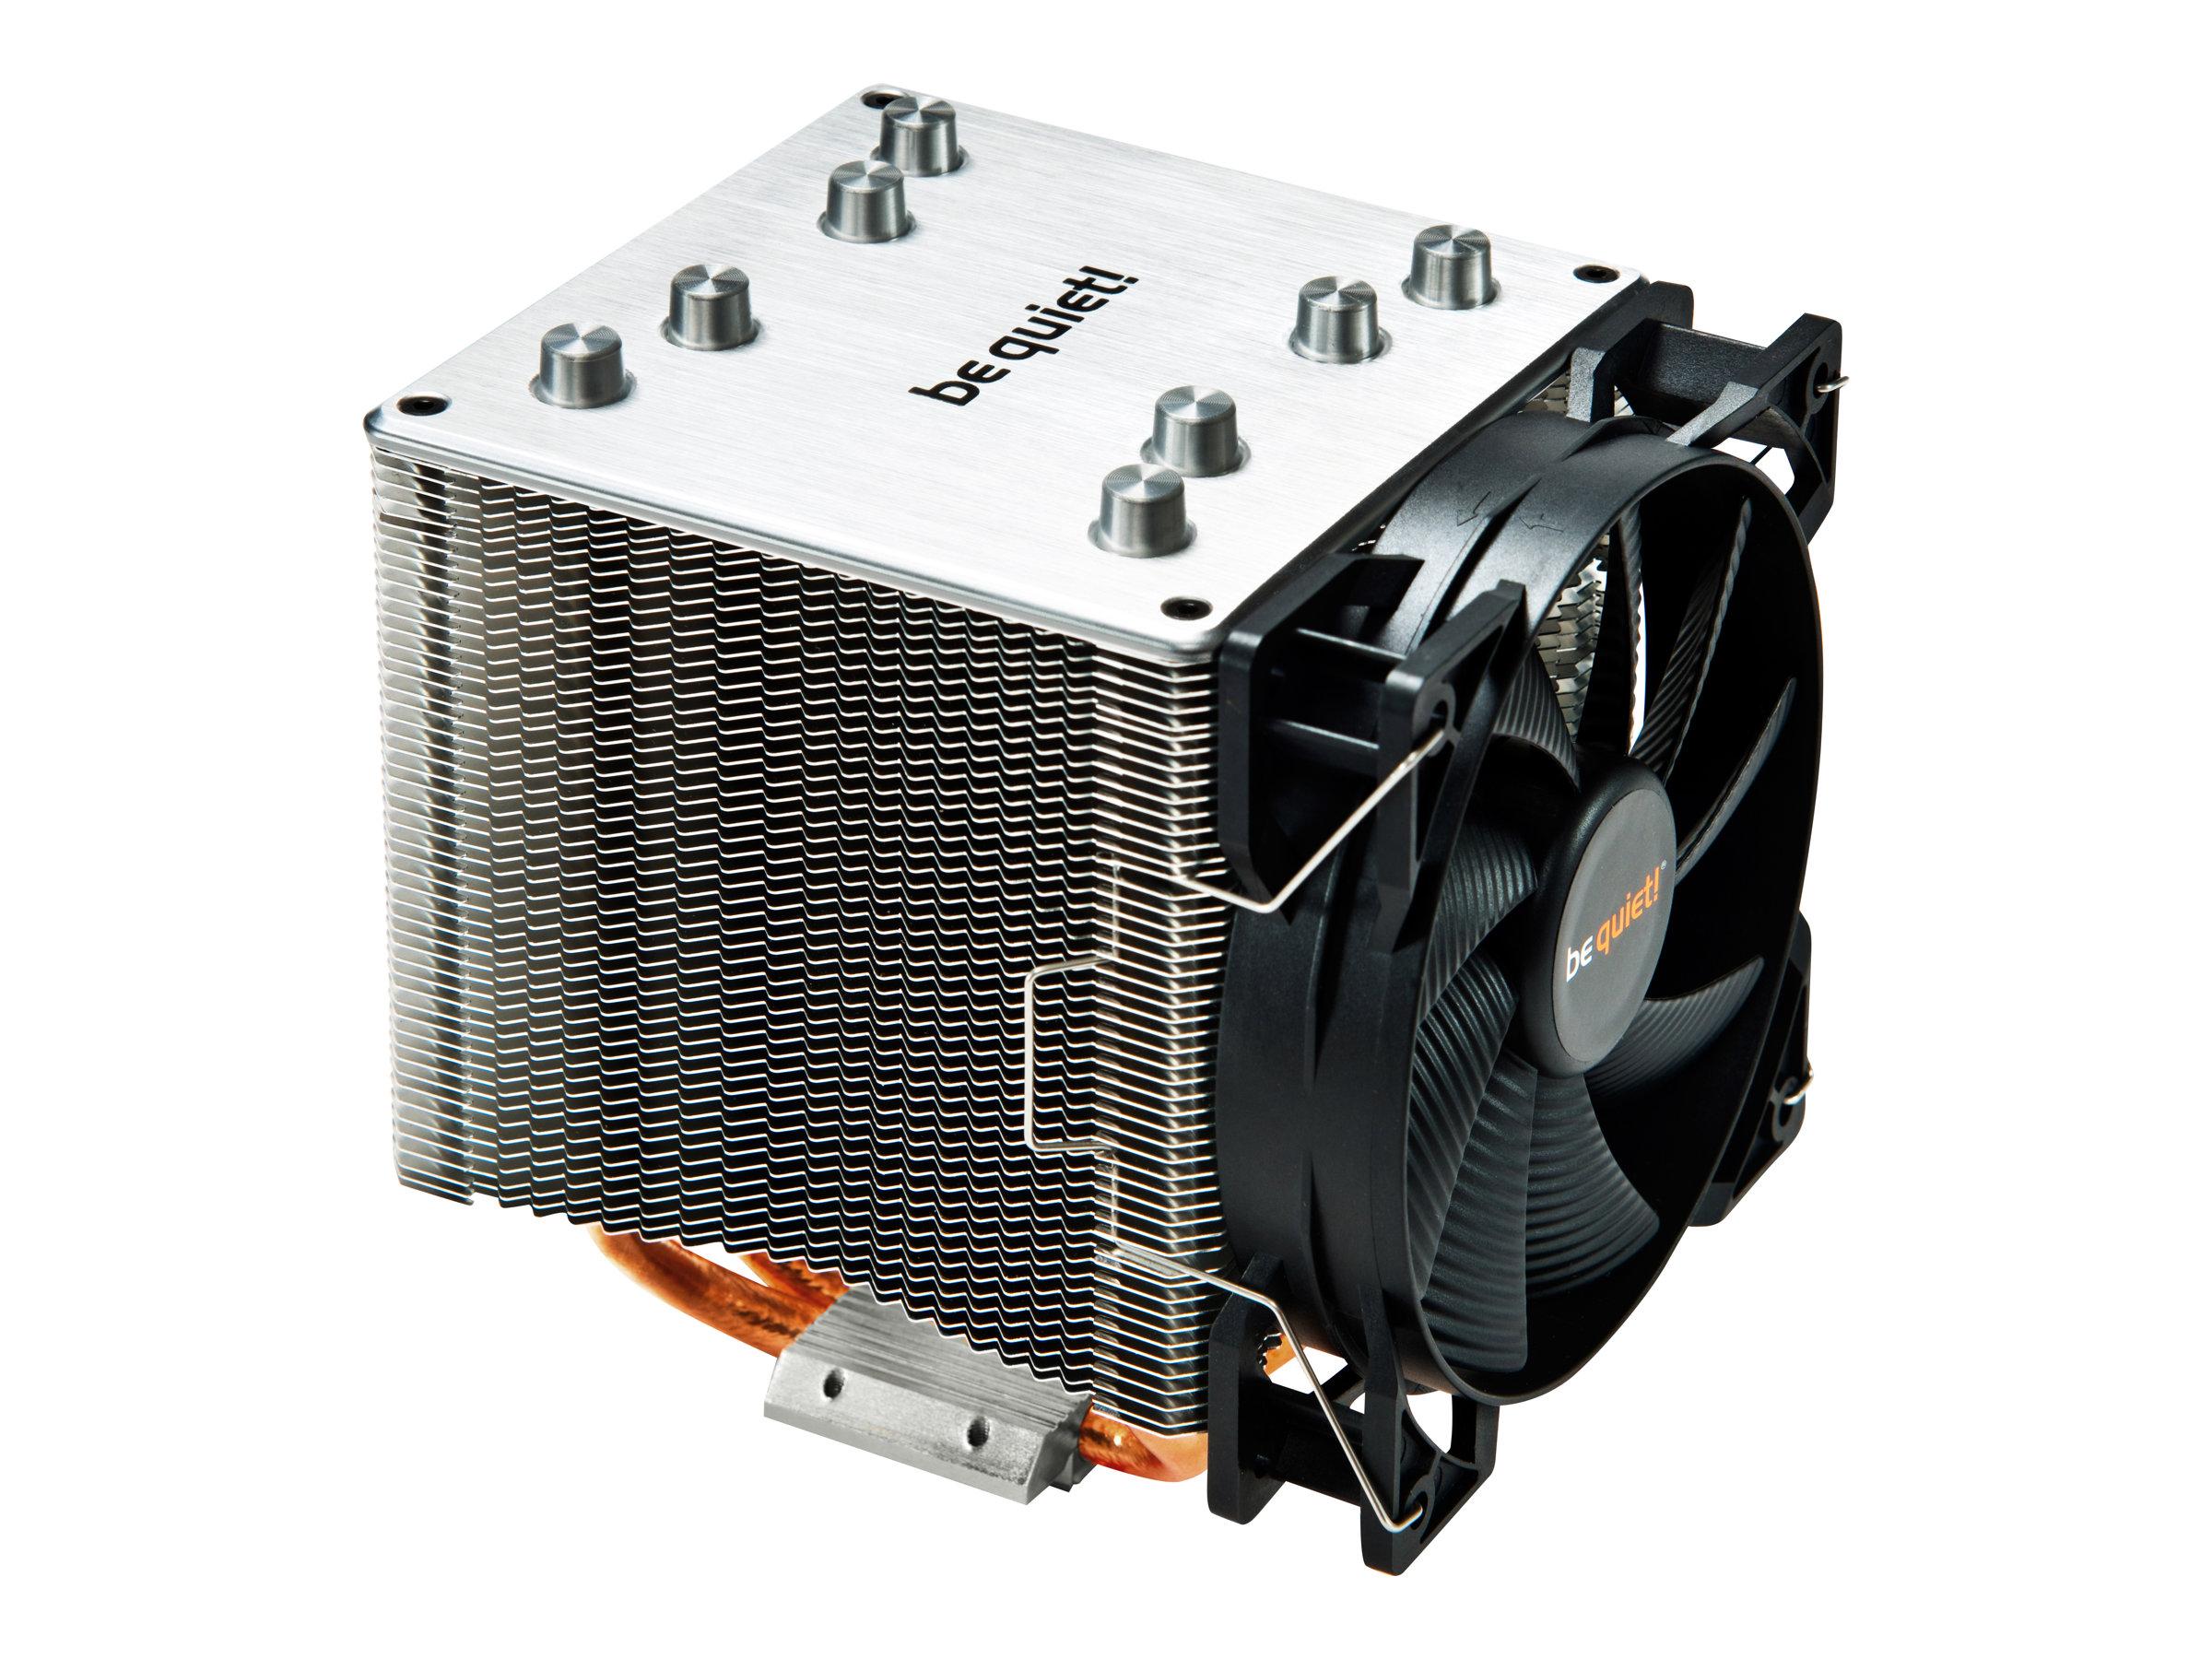 be quiet! SHADOW ROCK 2 - Prozessorkühler - (für: Socket 754, Socket 940, LGA775, Socket 939, LGA1156, AM2, AM2+, LGA1366, AM3,